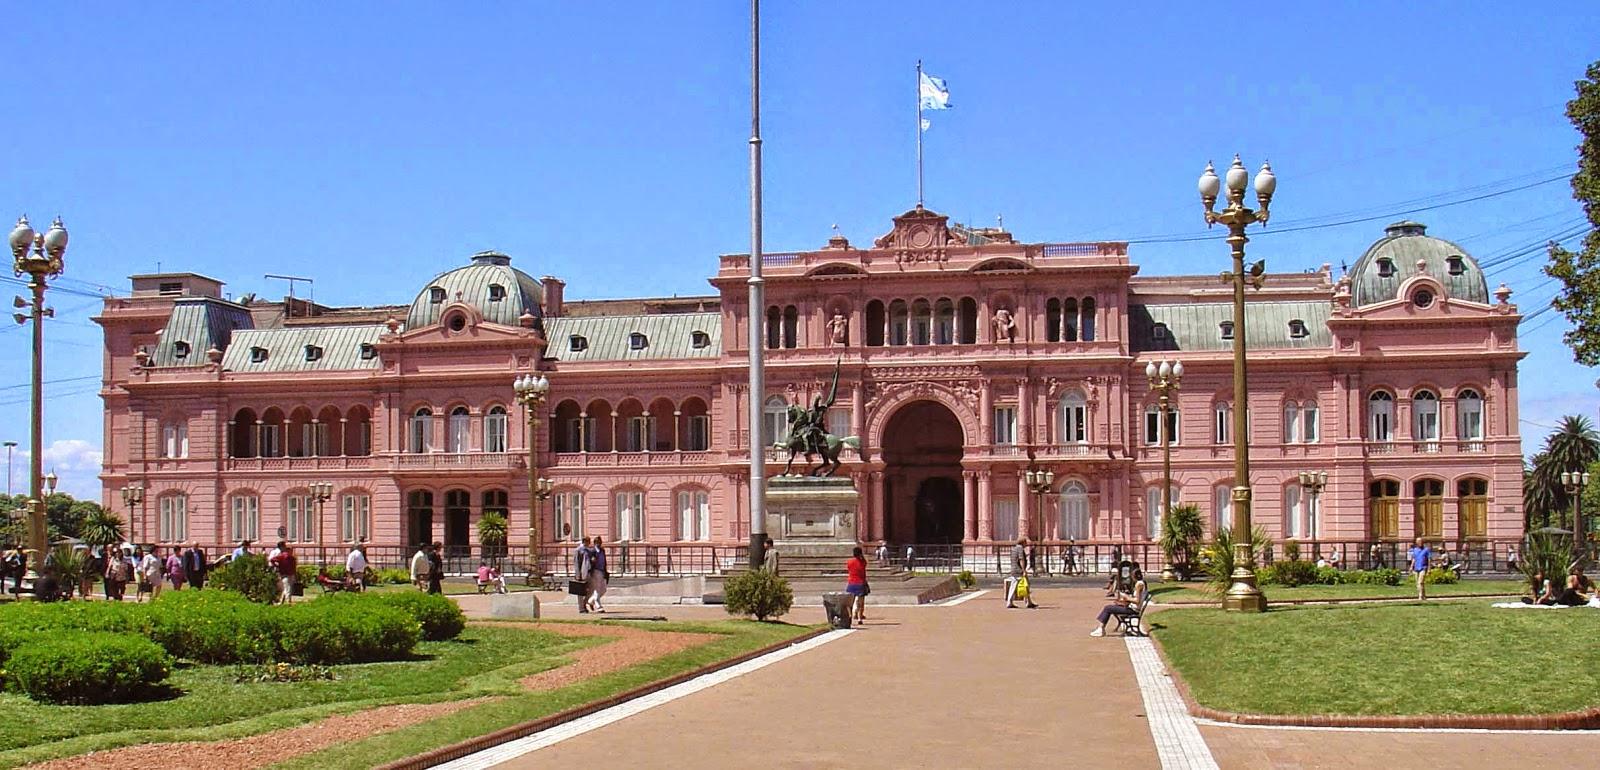 Conociendo argentina buenos aires la casa rosada parte i for Casa jardin hostel buenos aires